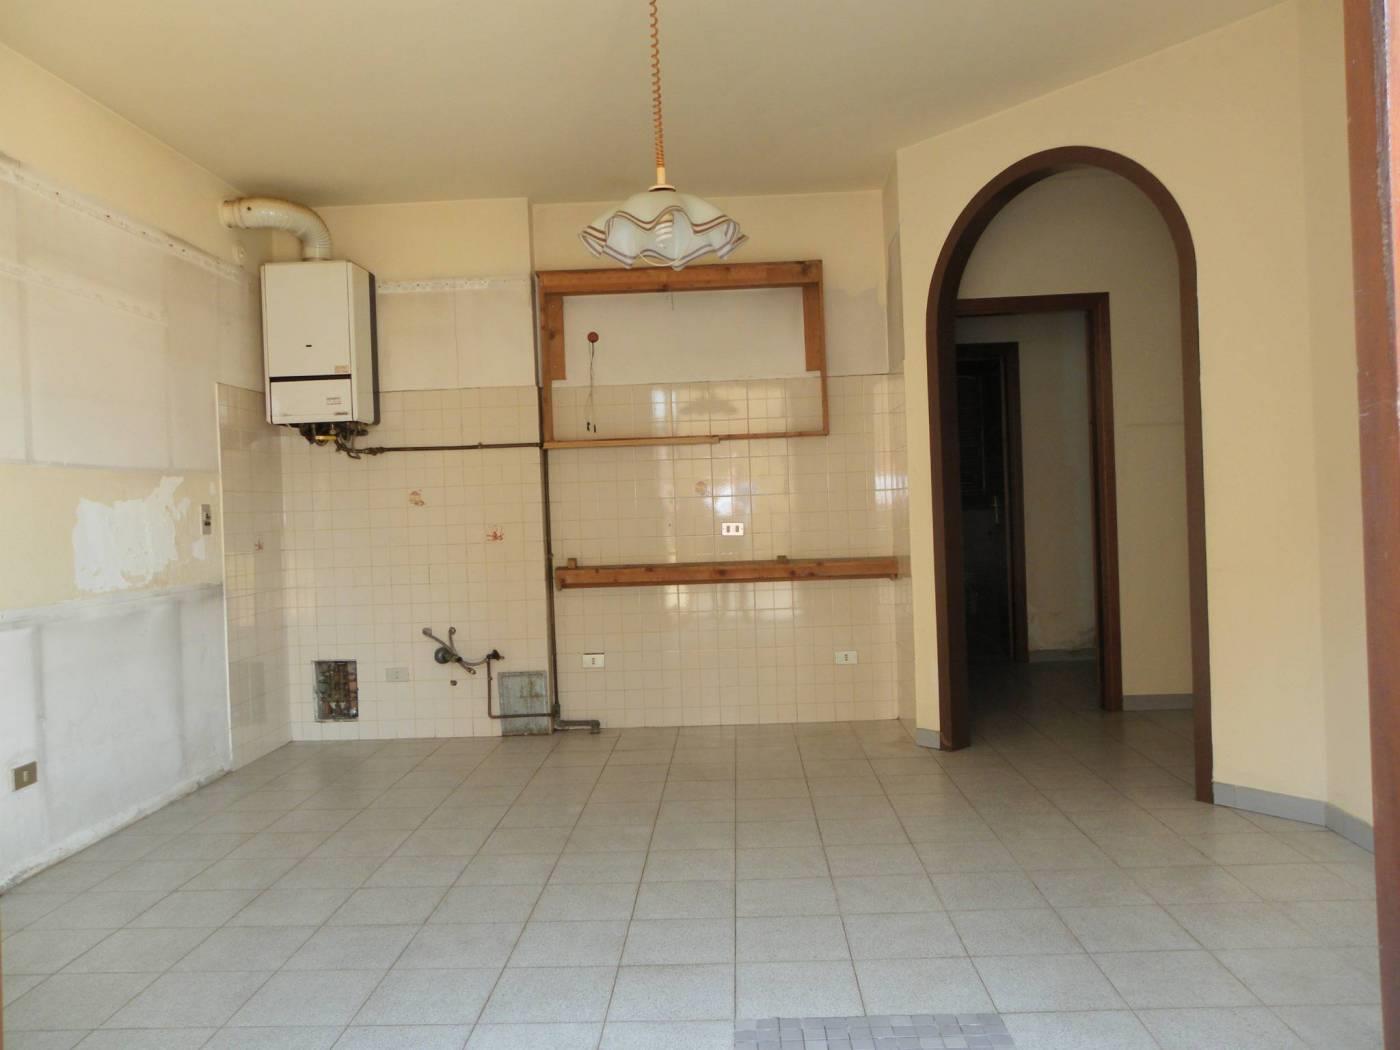 Foto 10 - Appartamento in Vendita - Mezzago (Monza e Brianza)